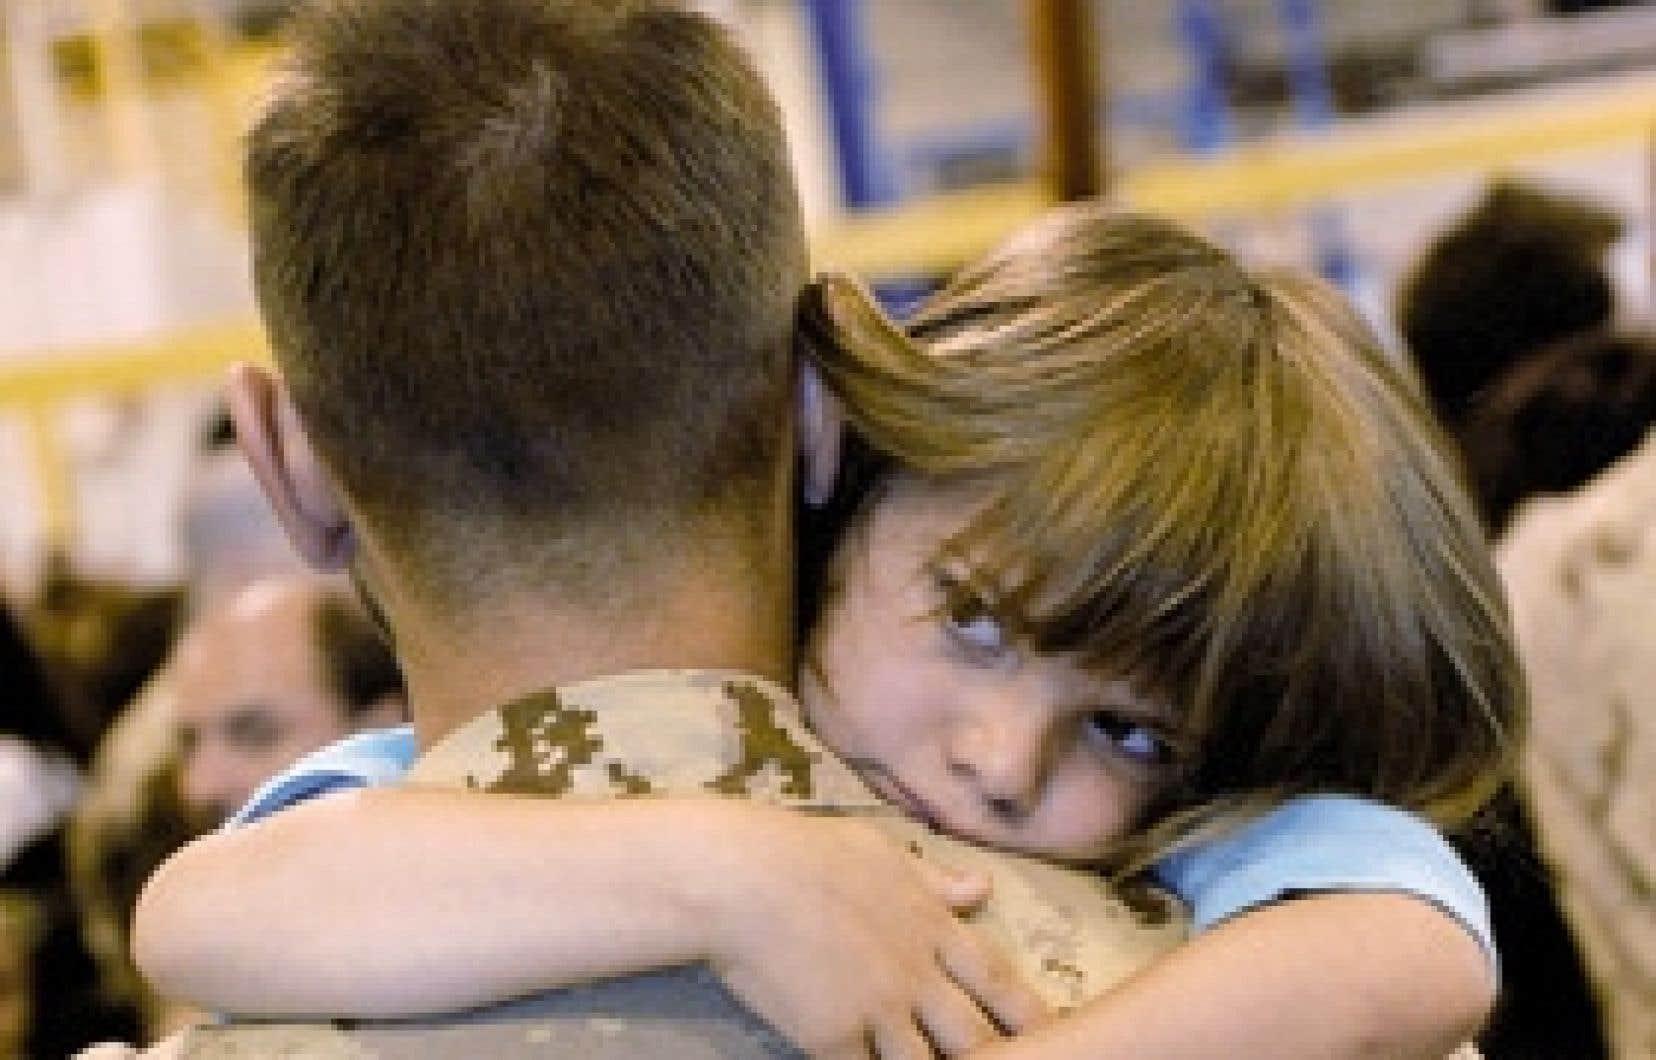 Le militaire Dominique Allard serre dans ses bras sa fille de six ans, Marianne, peu avant son départ vers l'Afghanistan au sein du premier contingent de soldats québécois, hier, à Valcartier.